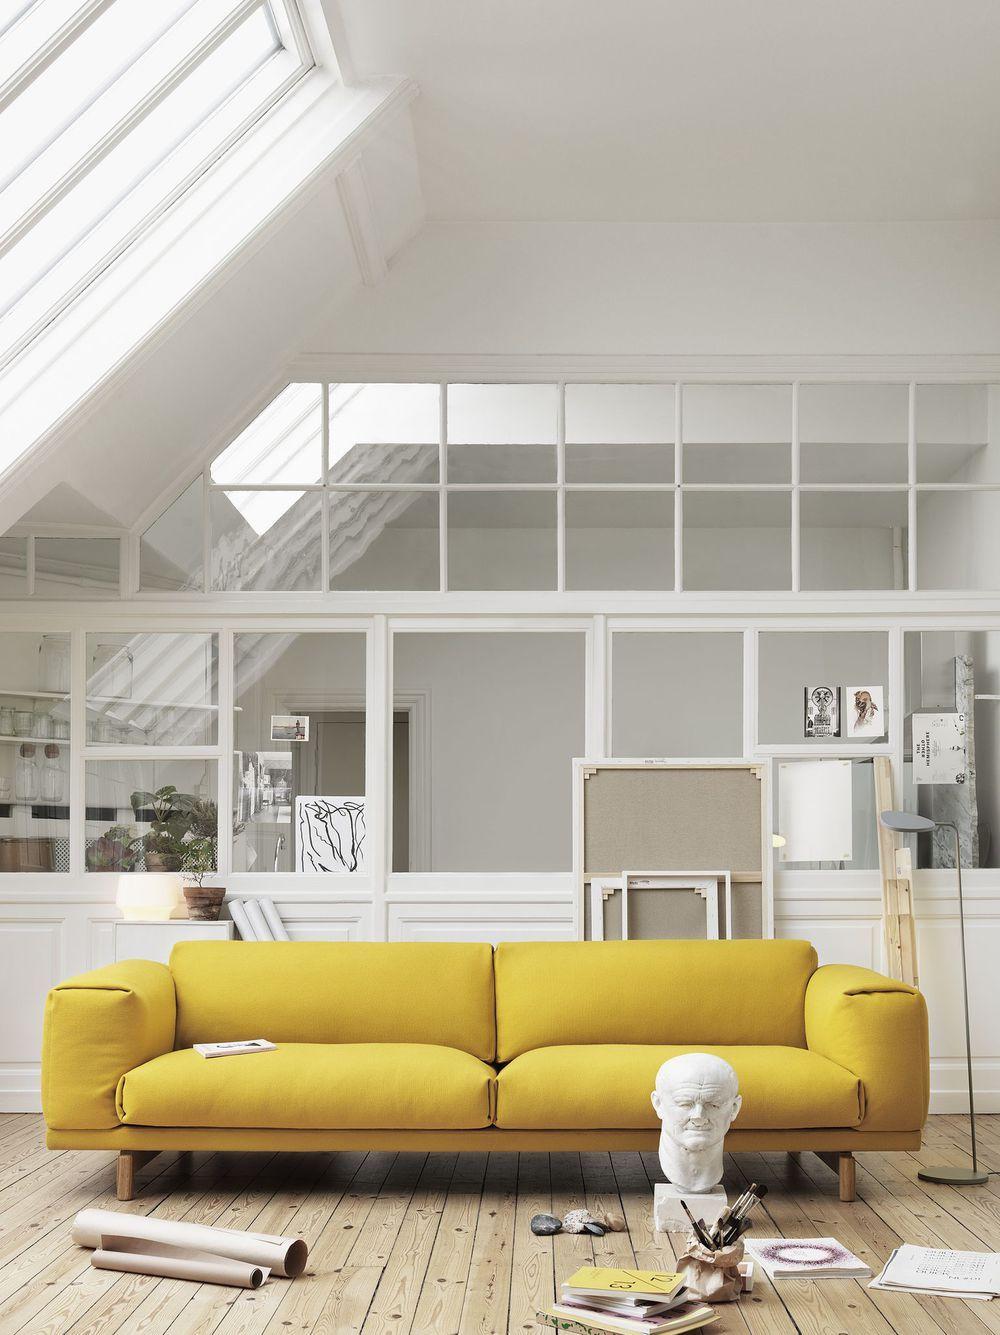 Un canapé design tissu jaune moutarde dans un salon blanc esprit atelier avec verrières - Coté maison.fr